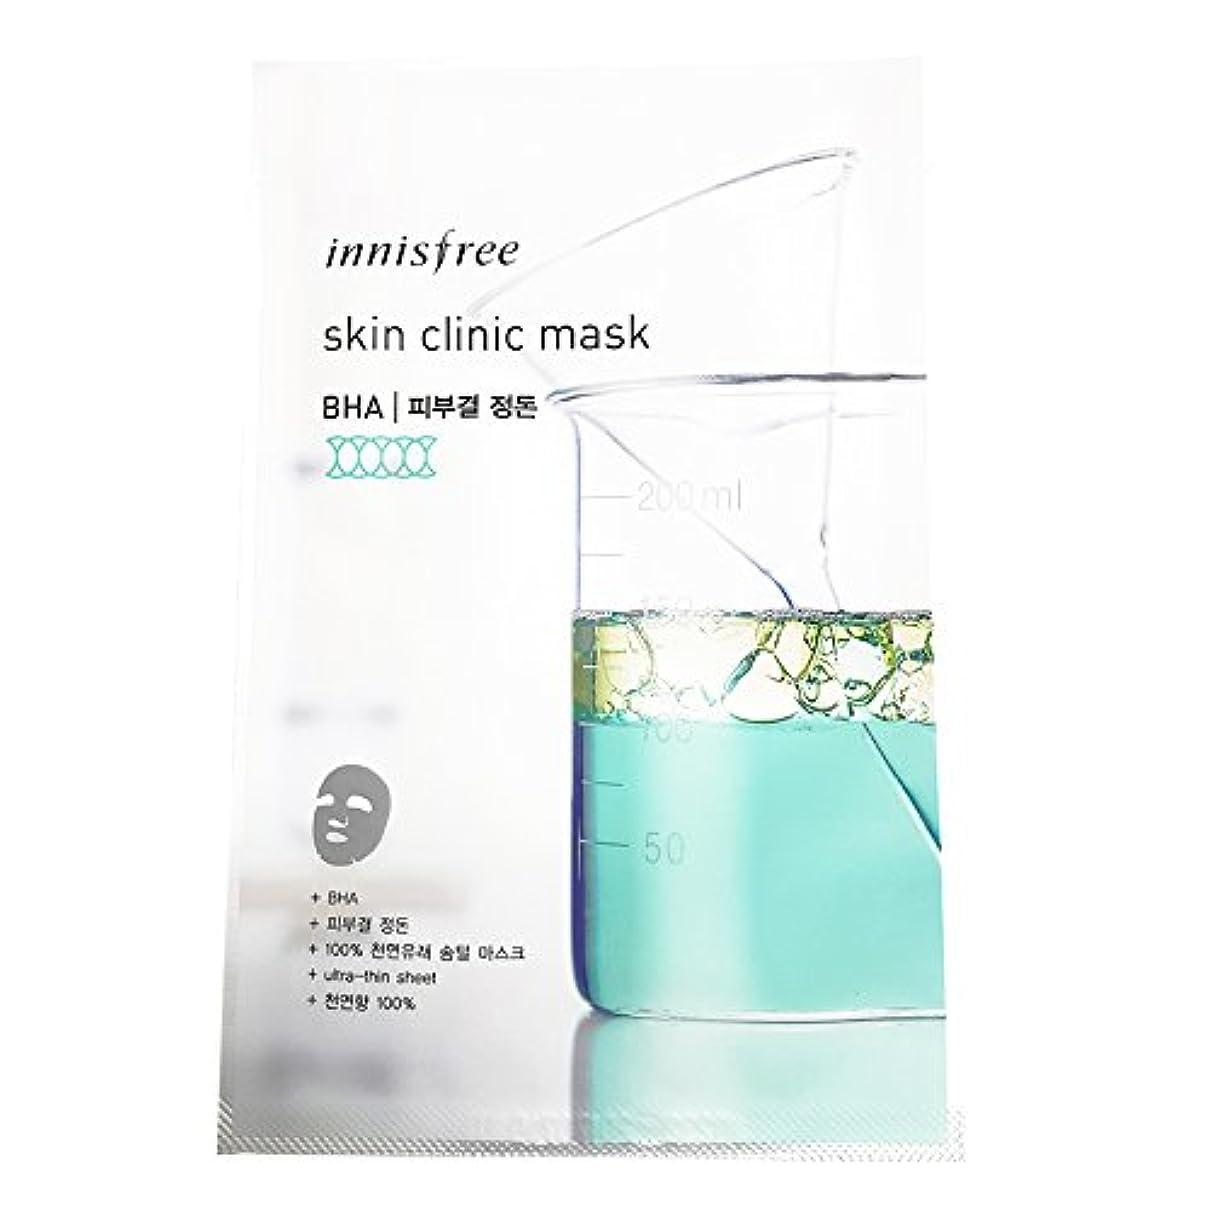 バックグラウンドゾーングラマー[イニスプリー] Innisfree スキンクリニックマスク(20ml)-BHA(肌別整頓) Innisfree Skin Clinic Mask(20ml)-BHA [海外直送品]